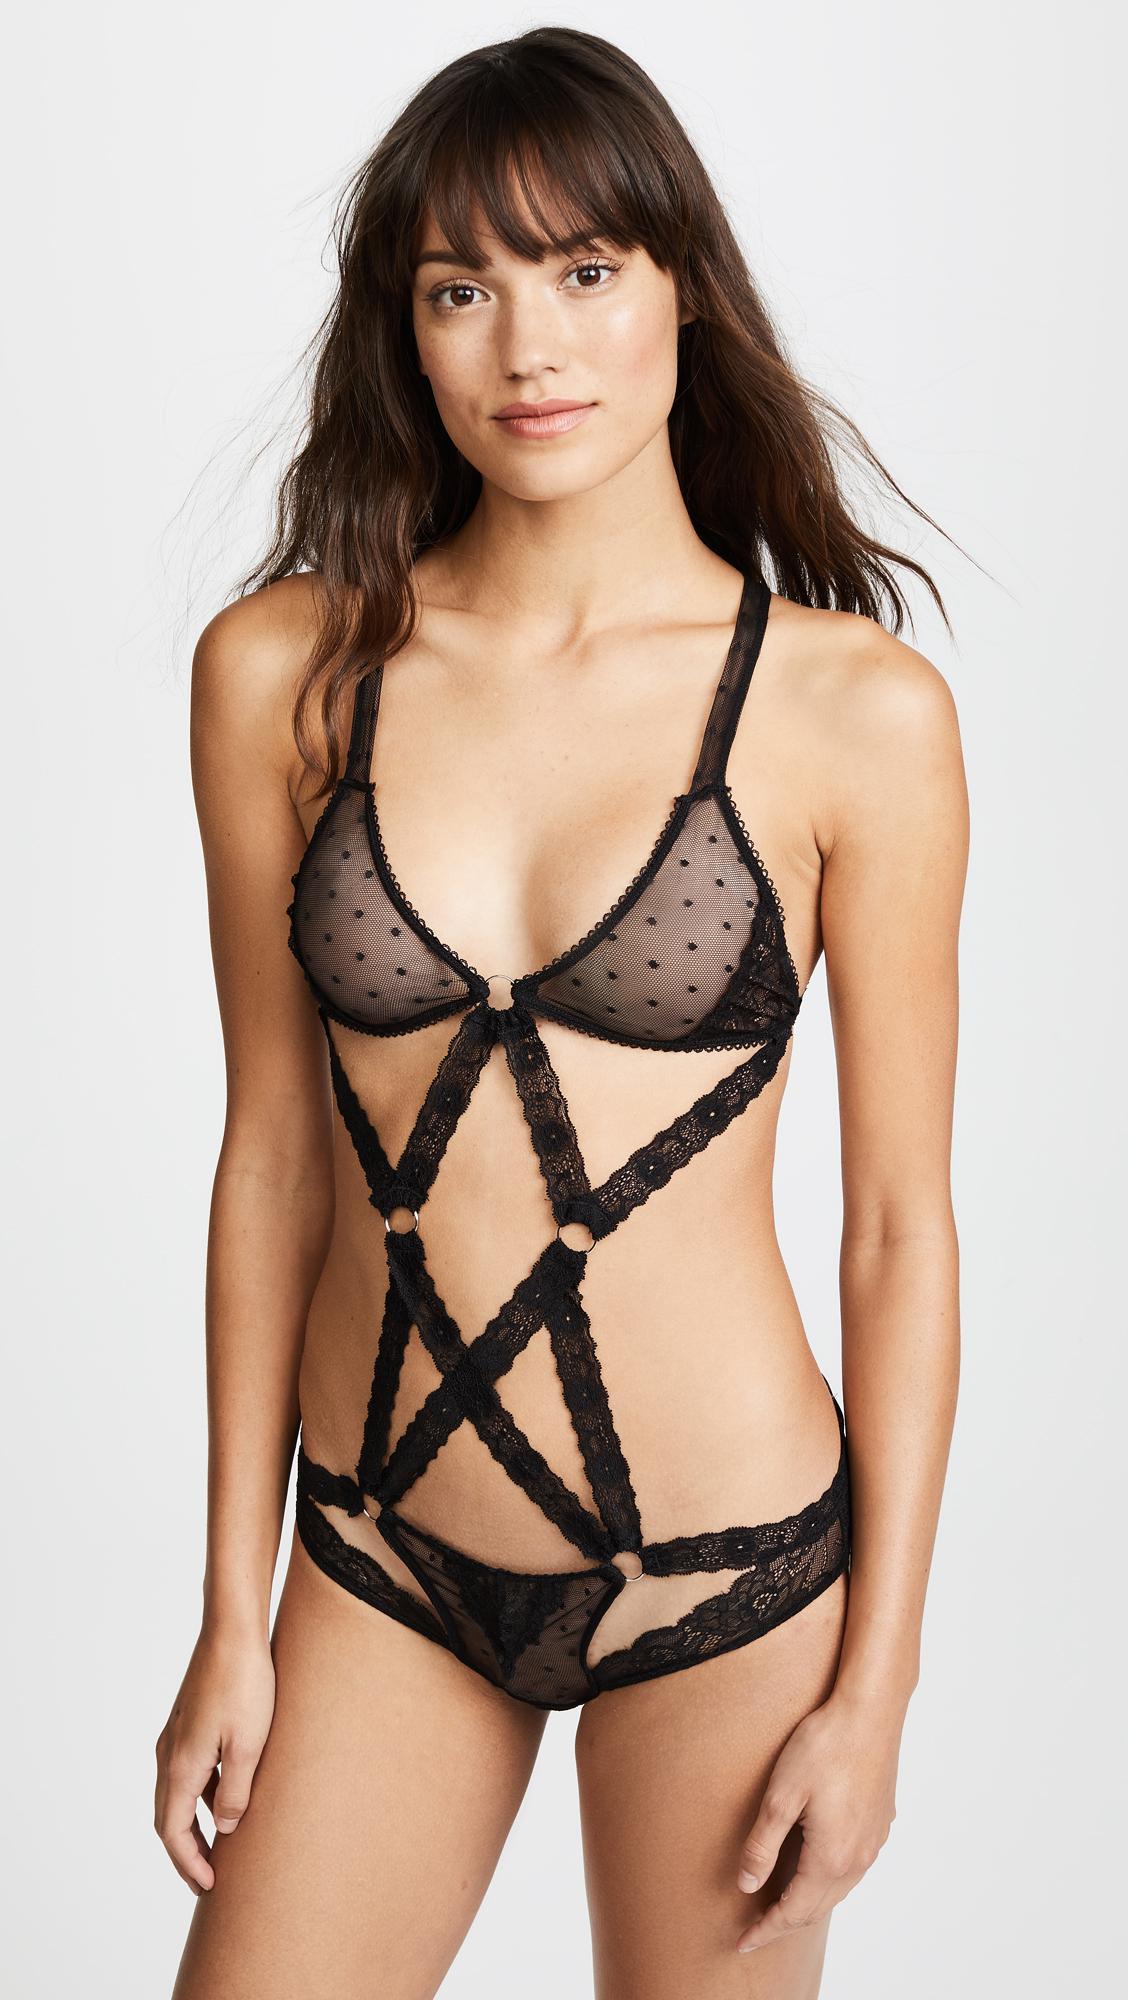 33a80138081cfa Lyst - Honeydew Intimates Nichole Lace Bodysuit in Black